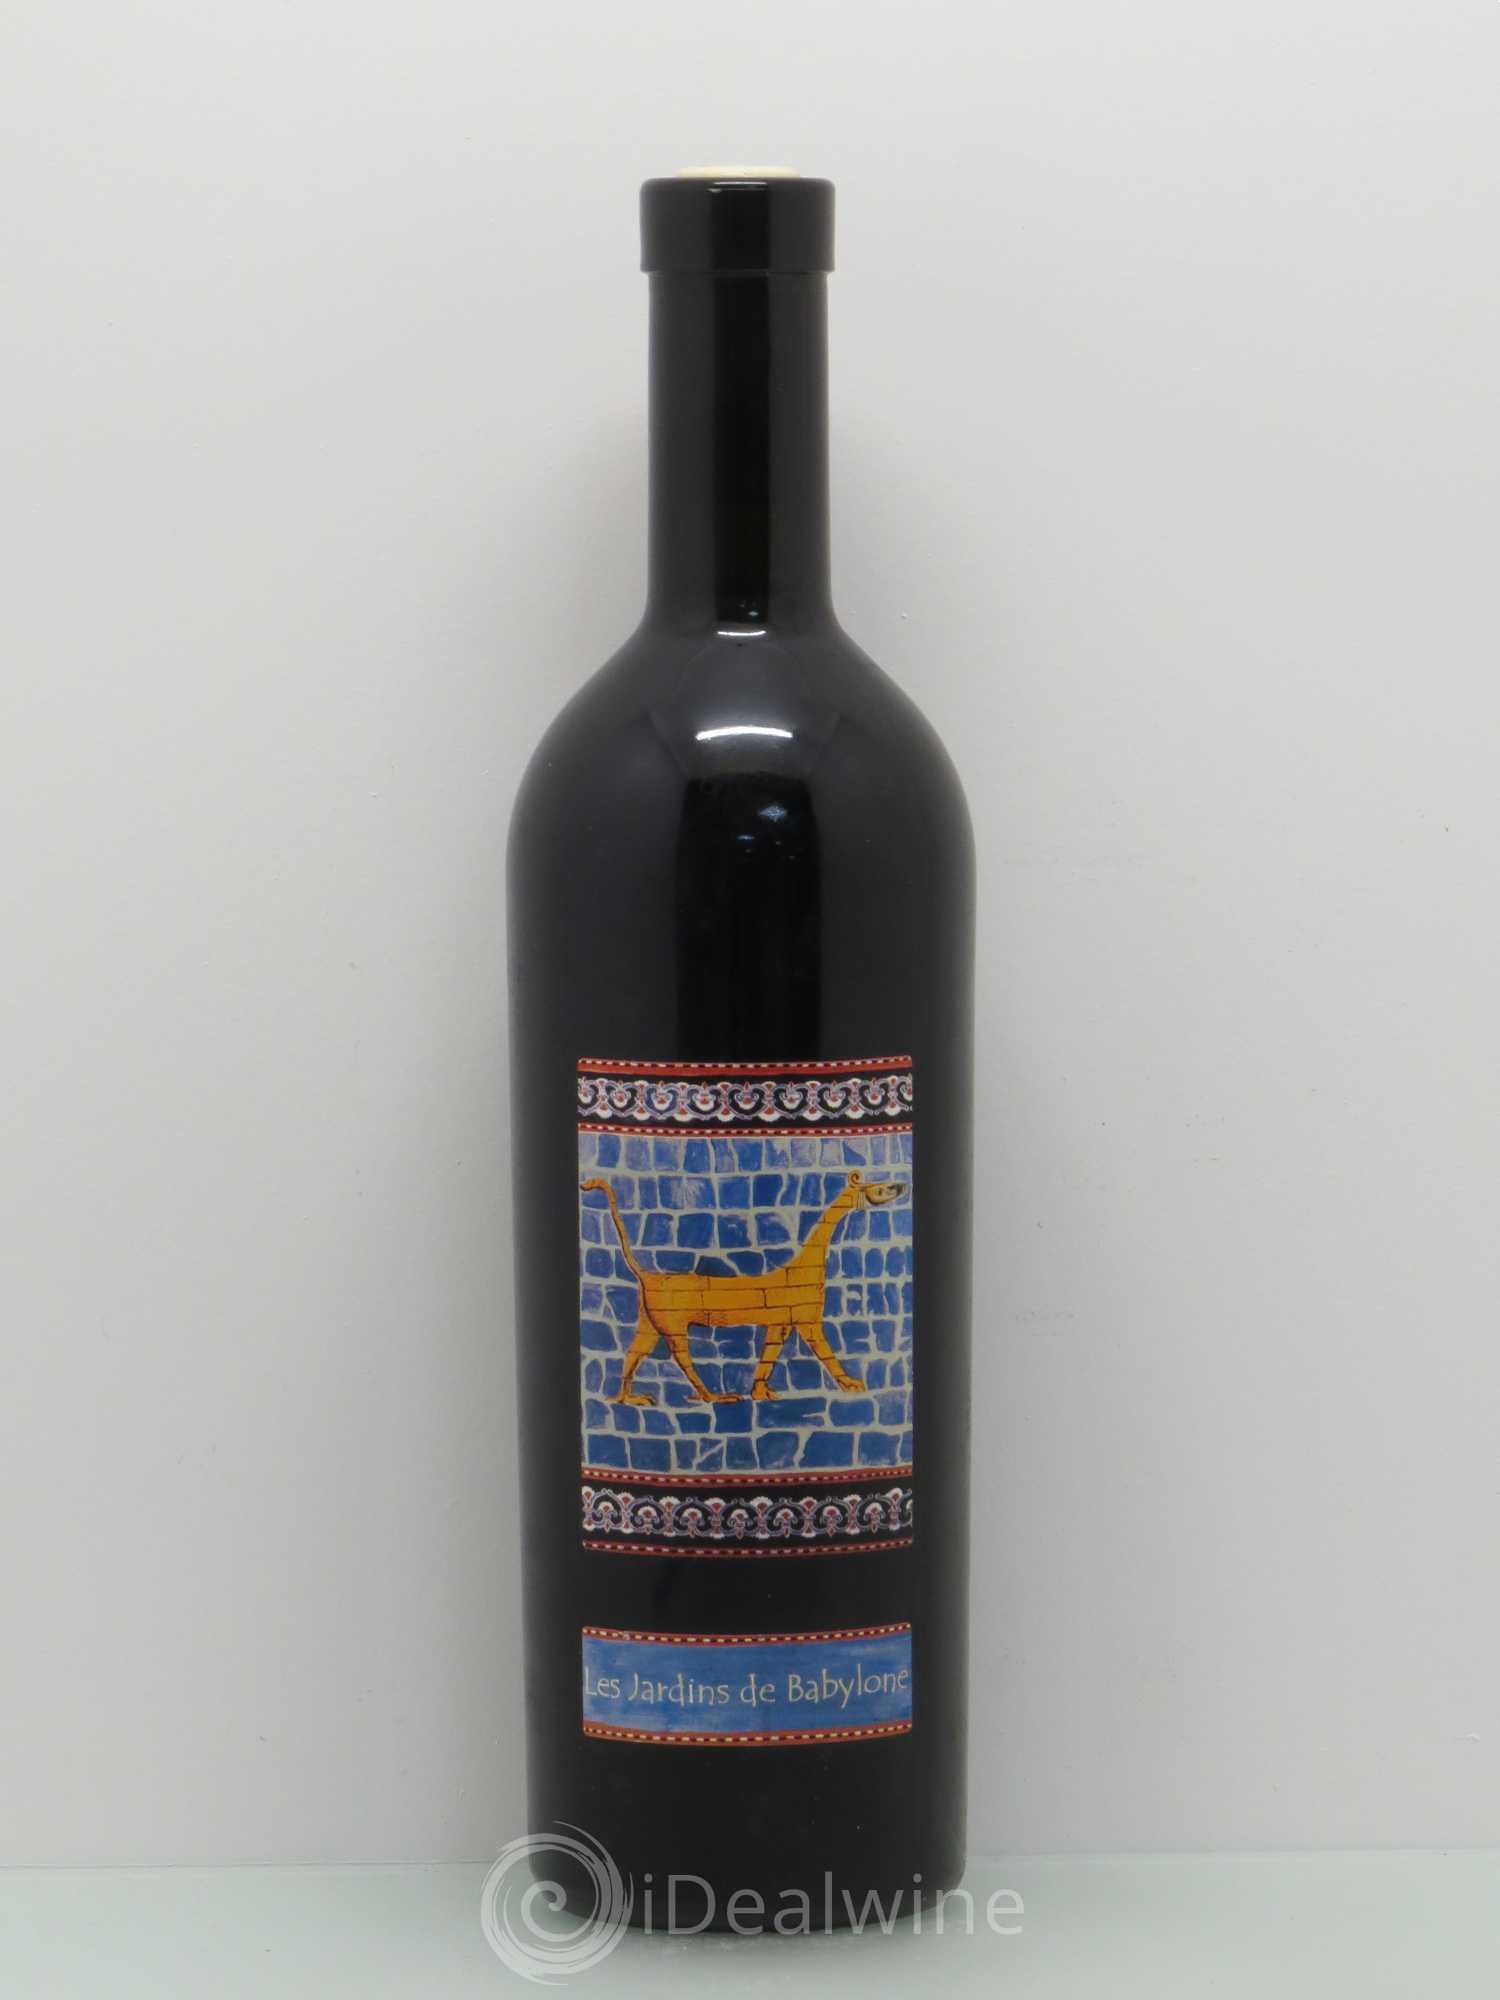 Buy juran on jardins de babylone didier dagueneau domaine for Jardin de babylone wine